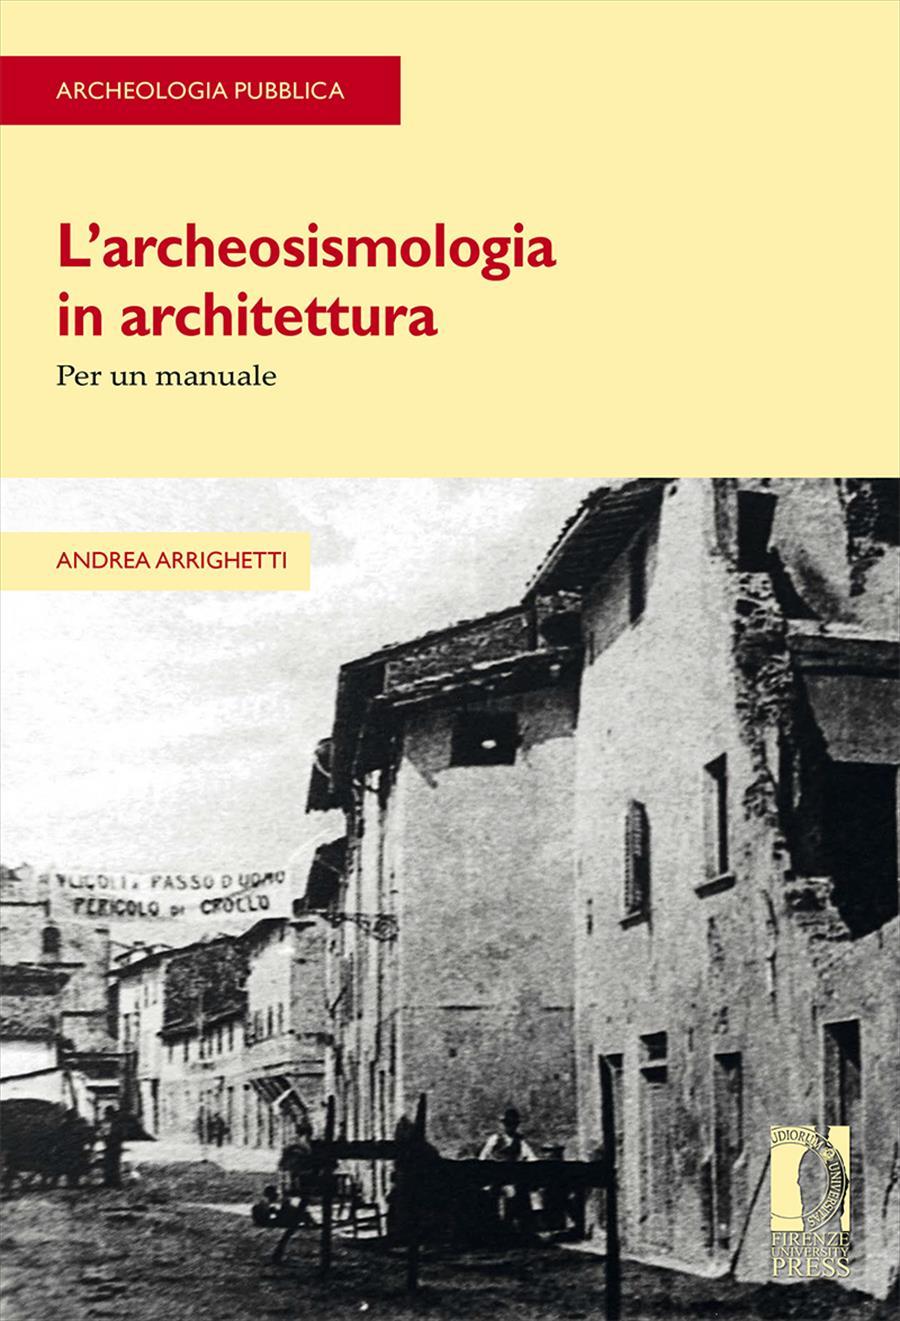 L'archeosismologia in architettura